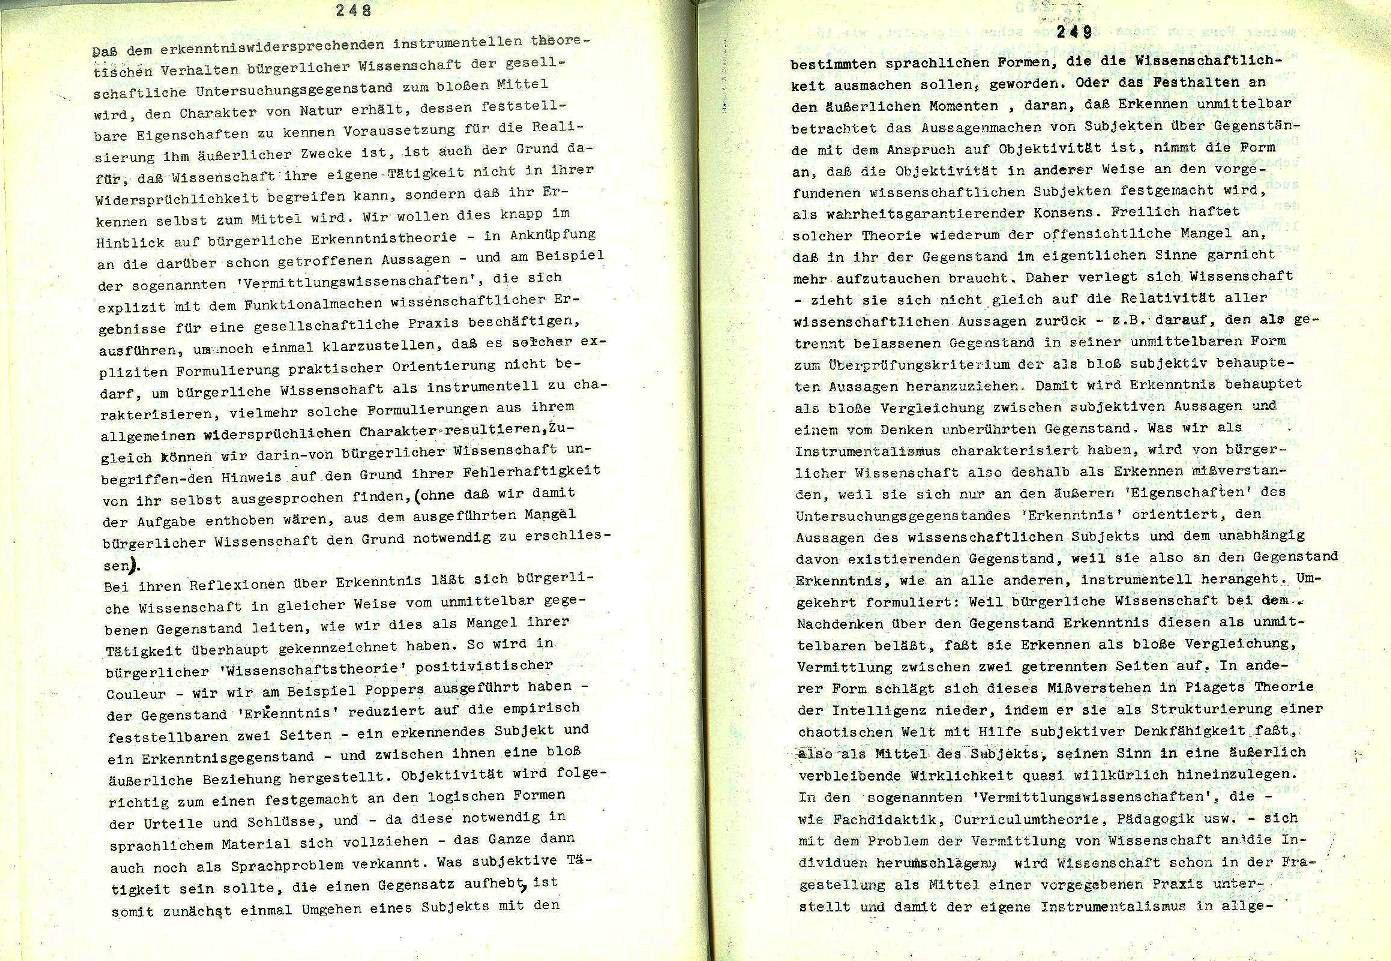 Muenchen_AK_Sozialistisches_Studium129